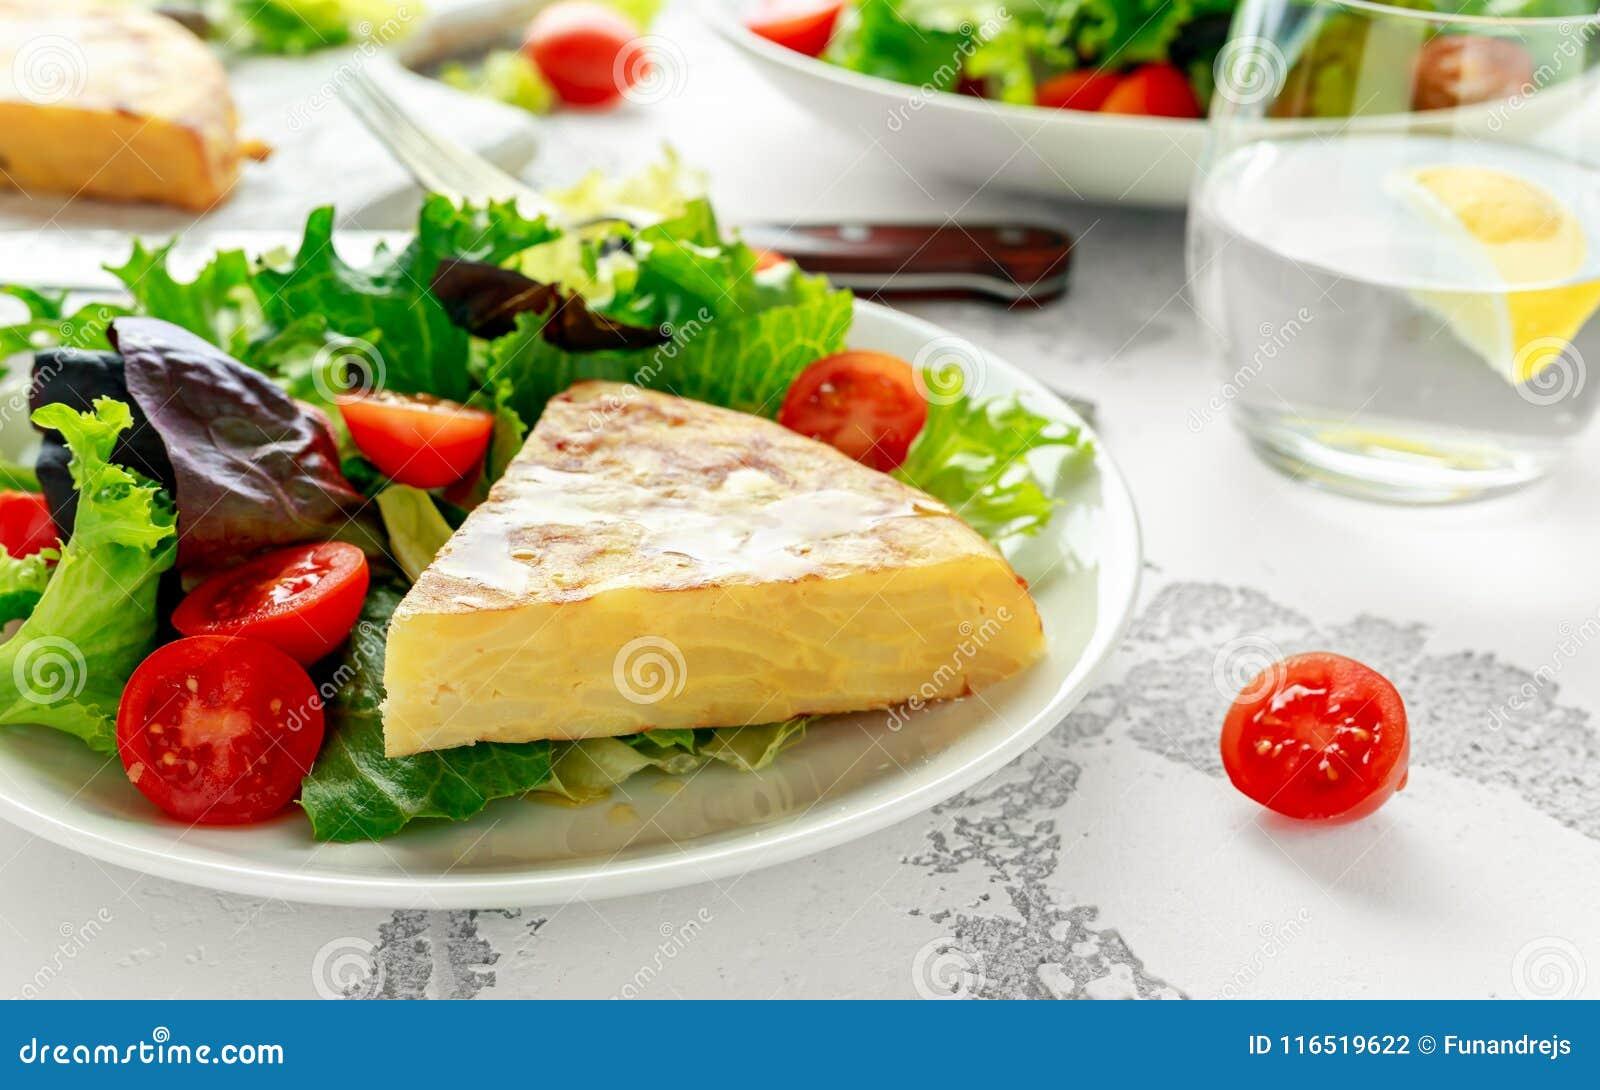 Spanische Tortilla, Omelett mit Kartoffel, Zwiebel, Gemüse, Tomaten, Oliven und Kräuter in einer weißen Platte Frühstück